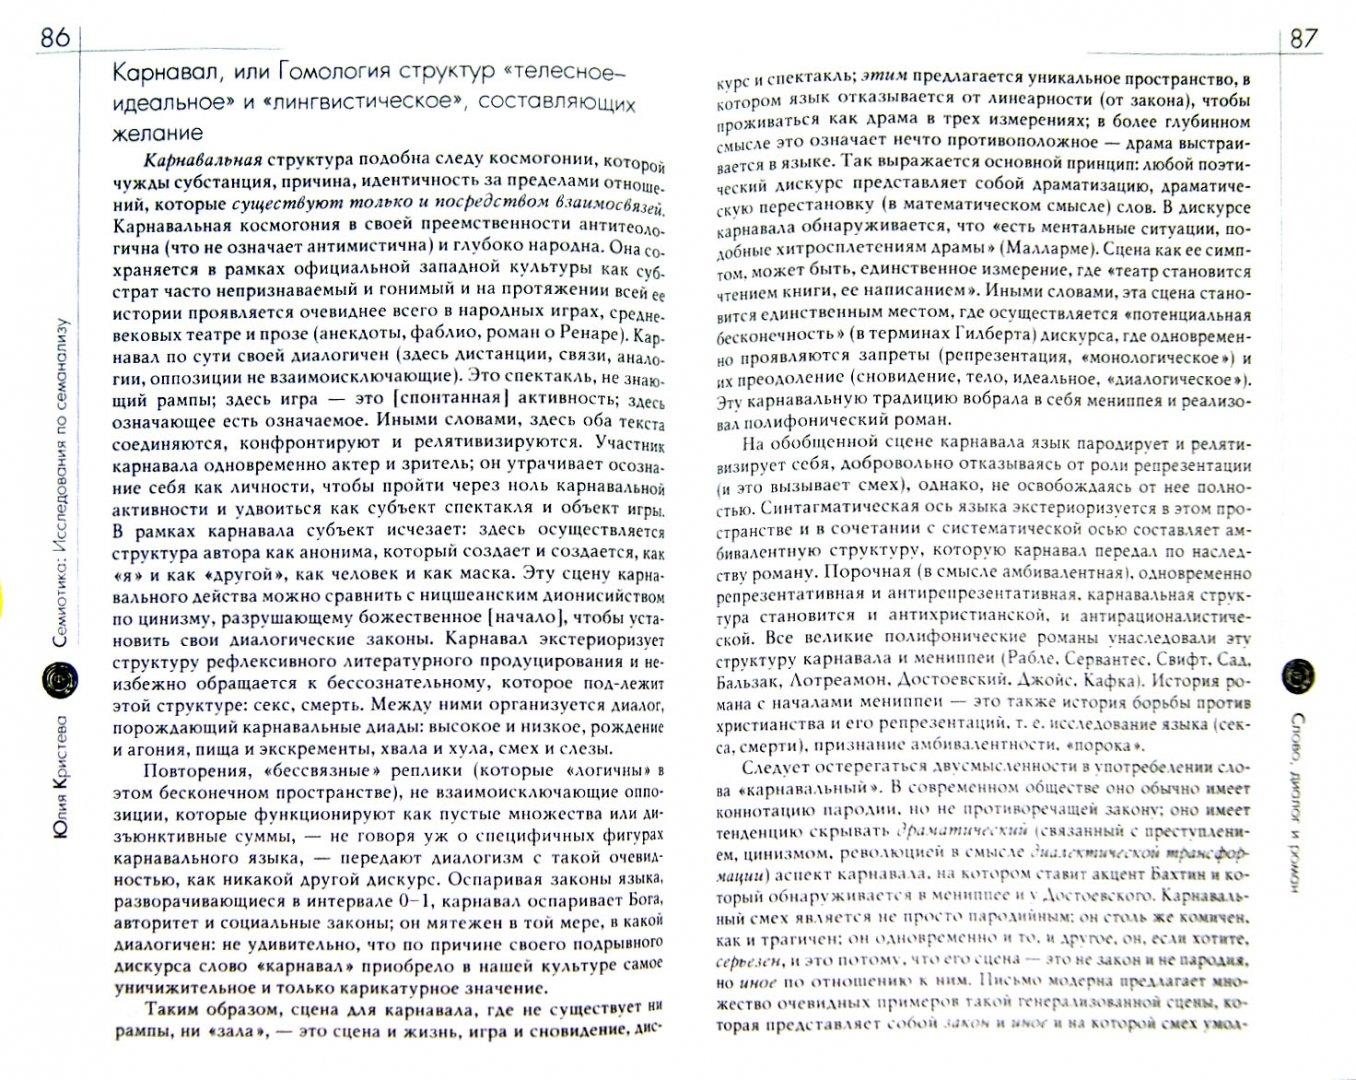 Иллюстрация 1 из 5 для Семиотика. Исследования по семанализу - Юлия Кристева | Лабиринт - книги. Источник: Лабиринт